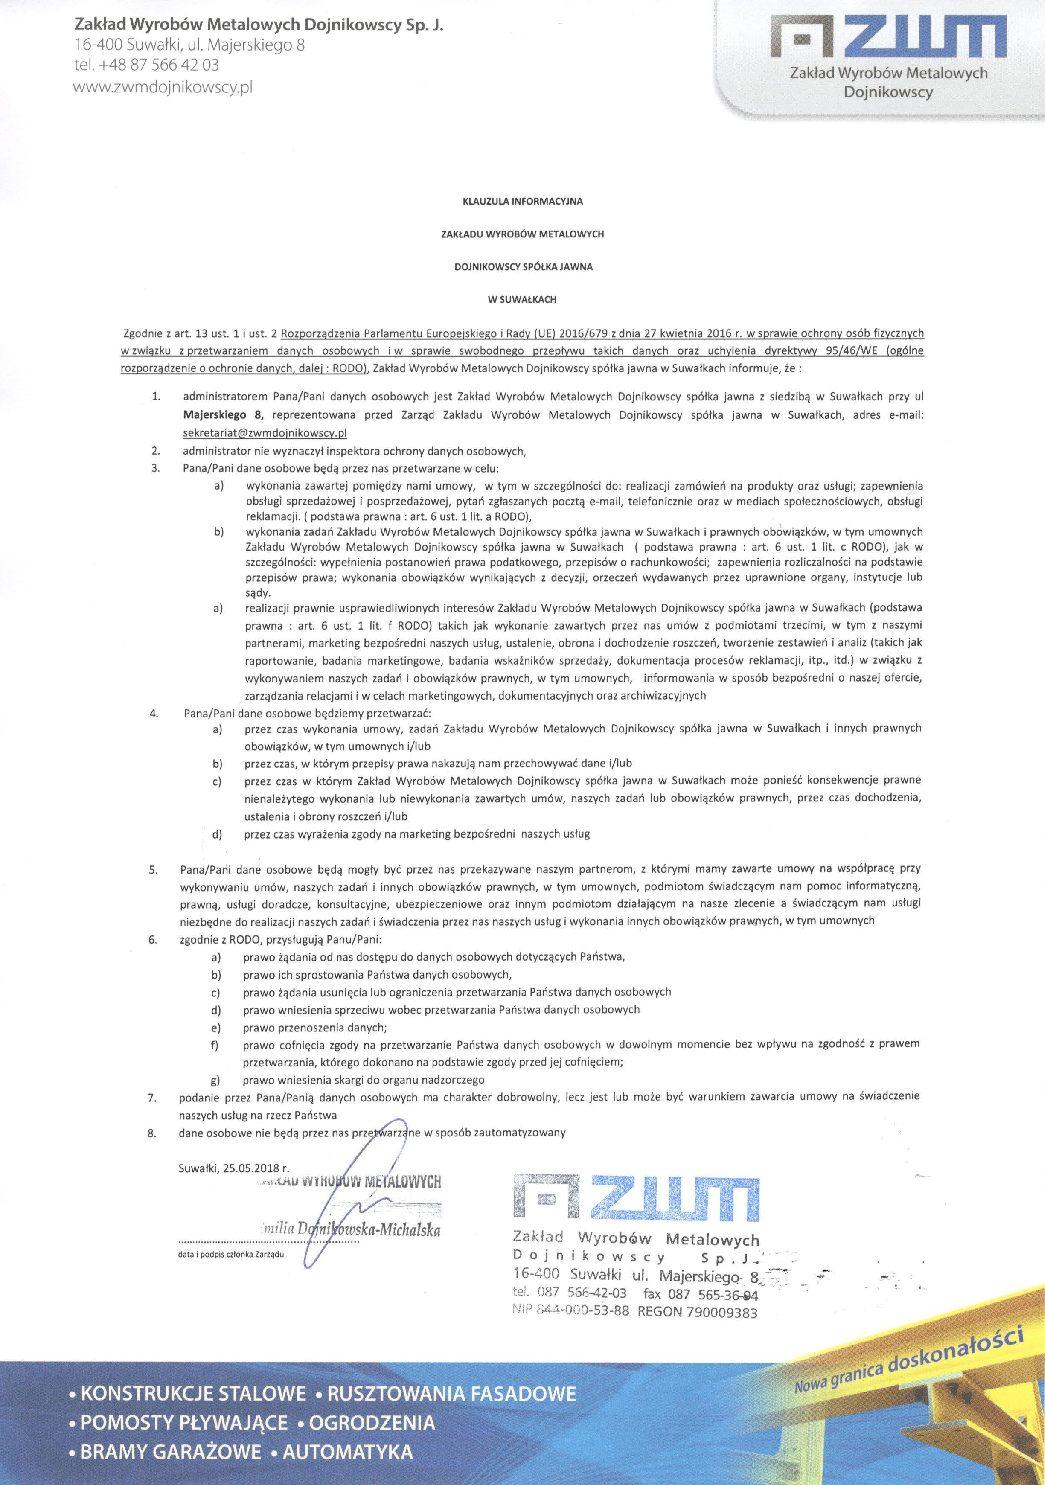 ZWM Dojnikowscy – Rozporządzenie dotyczące RODO